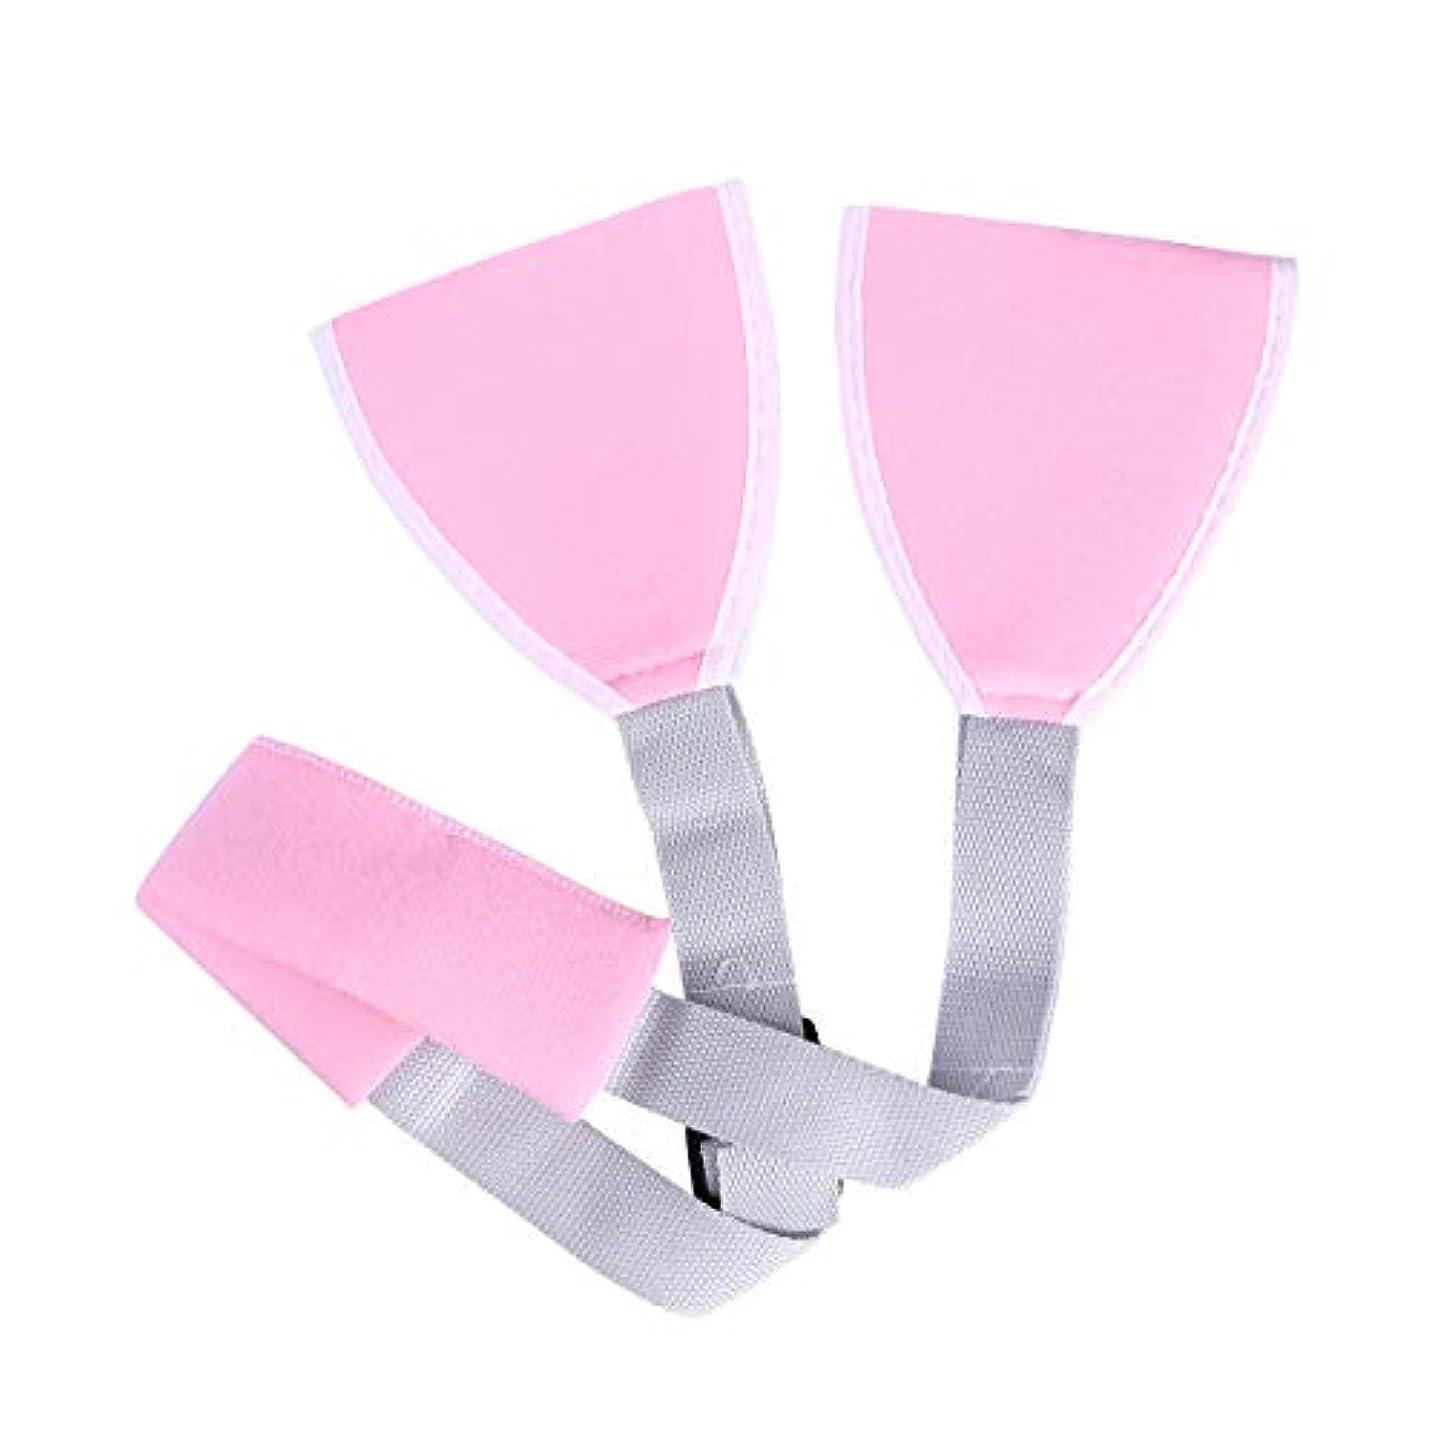 ROSENICE 調整アームスリングショルダーエルボーブレース(壊れたアーム用)(ピンク)